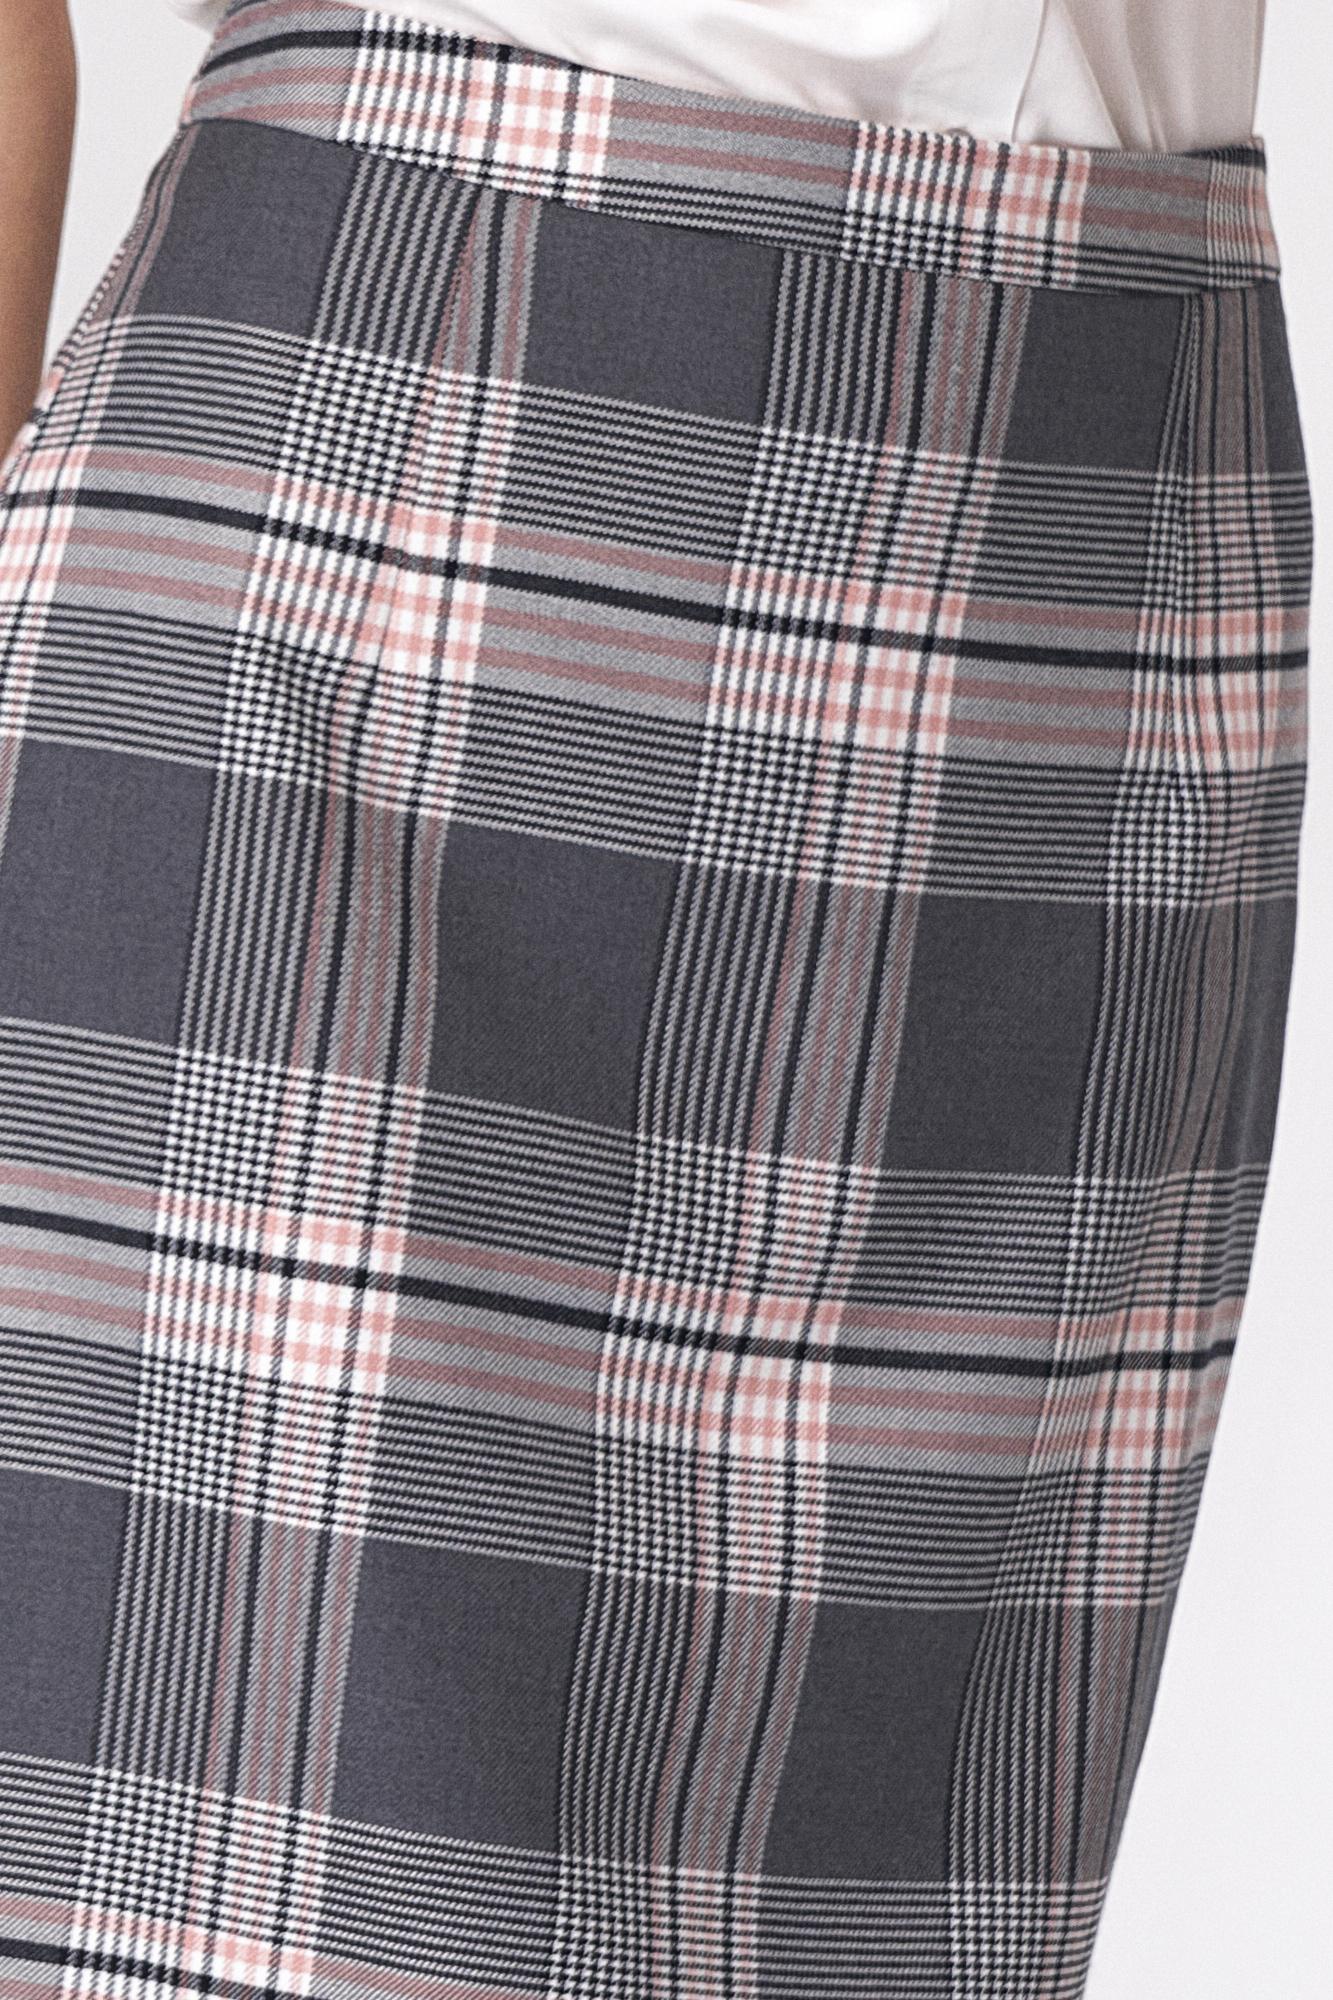 Nife - Ołówkowa szara spódnica w kratę 2